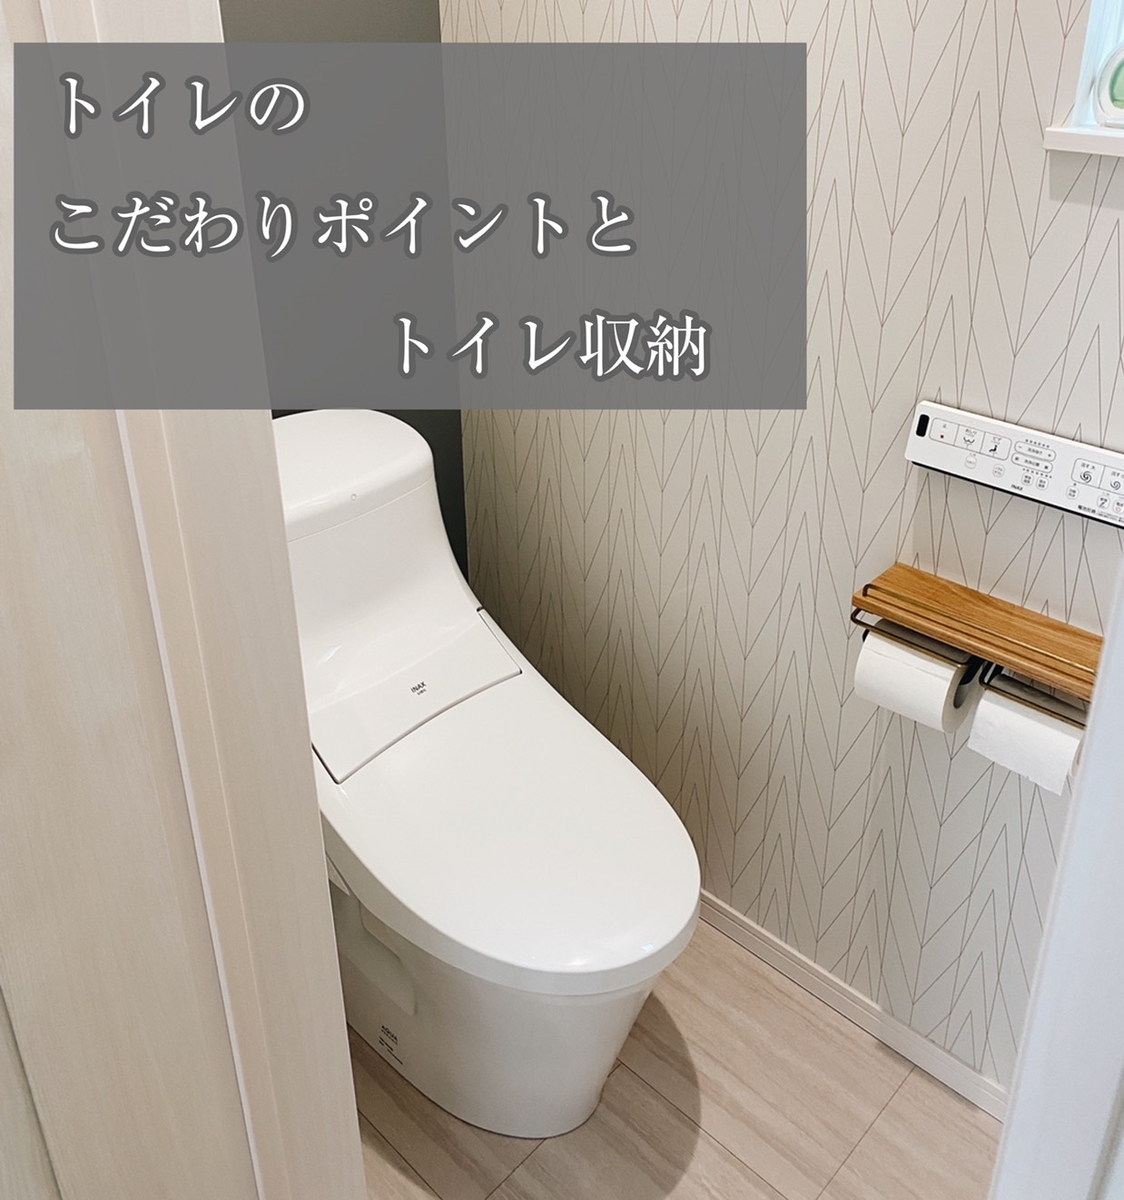 f:id:yuika_bob:20210520231054j:plain